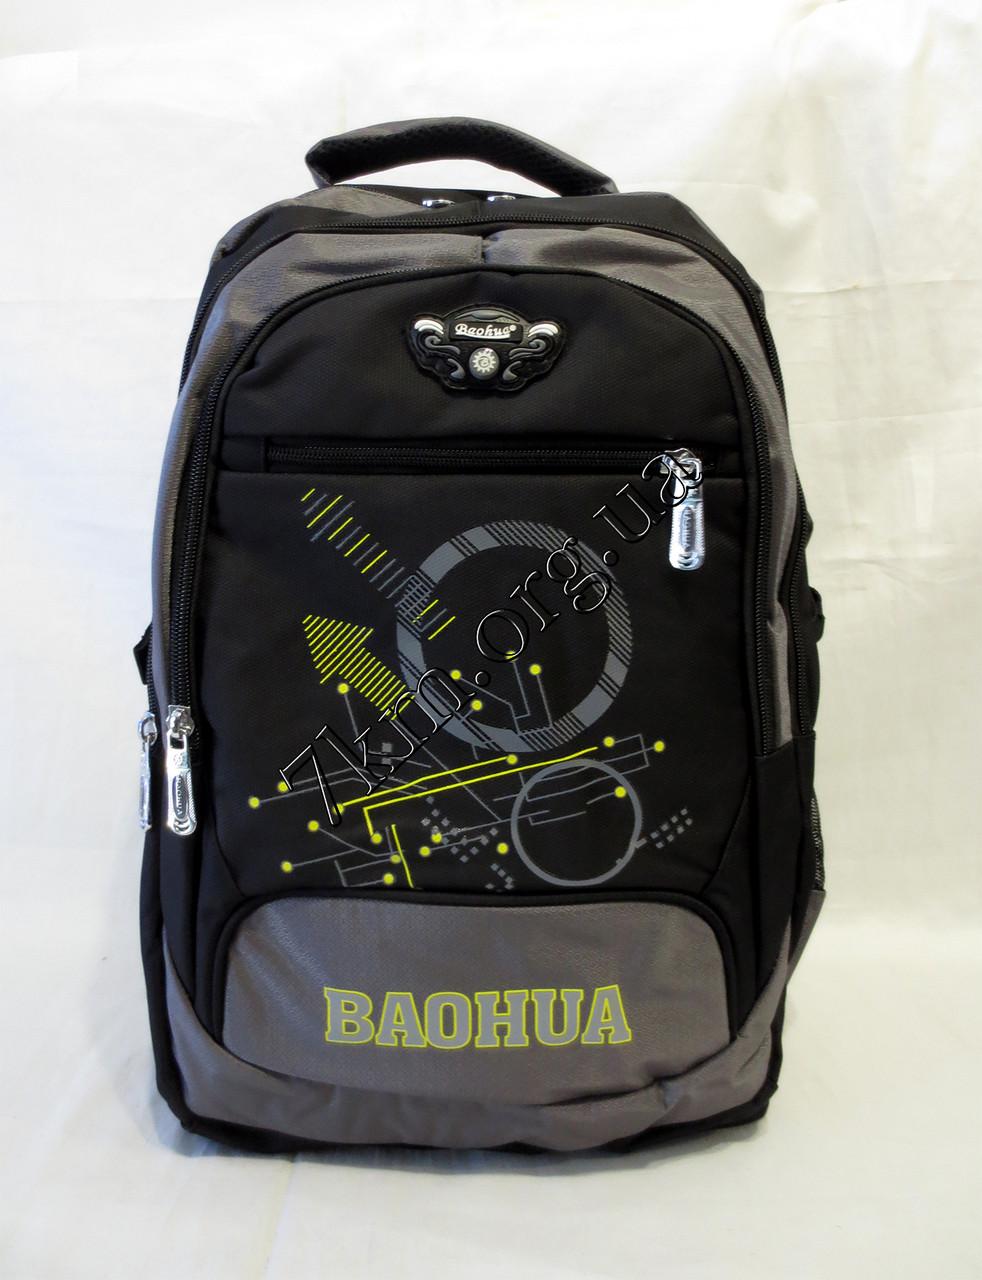 Школьный рюкзак для мальчиков Baohua серый -черный CR BH 0147 (46х30см.)